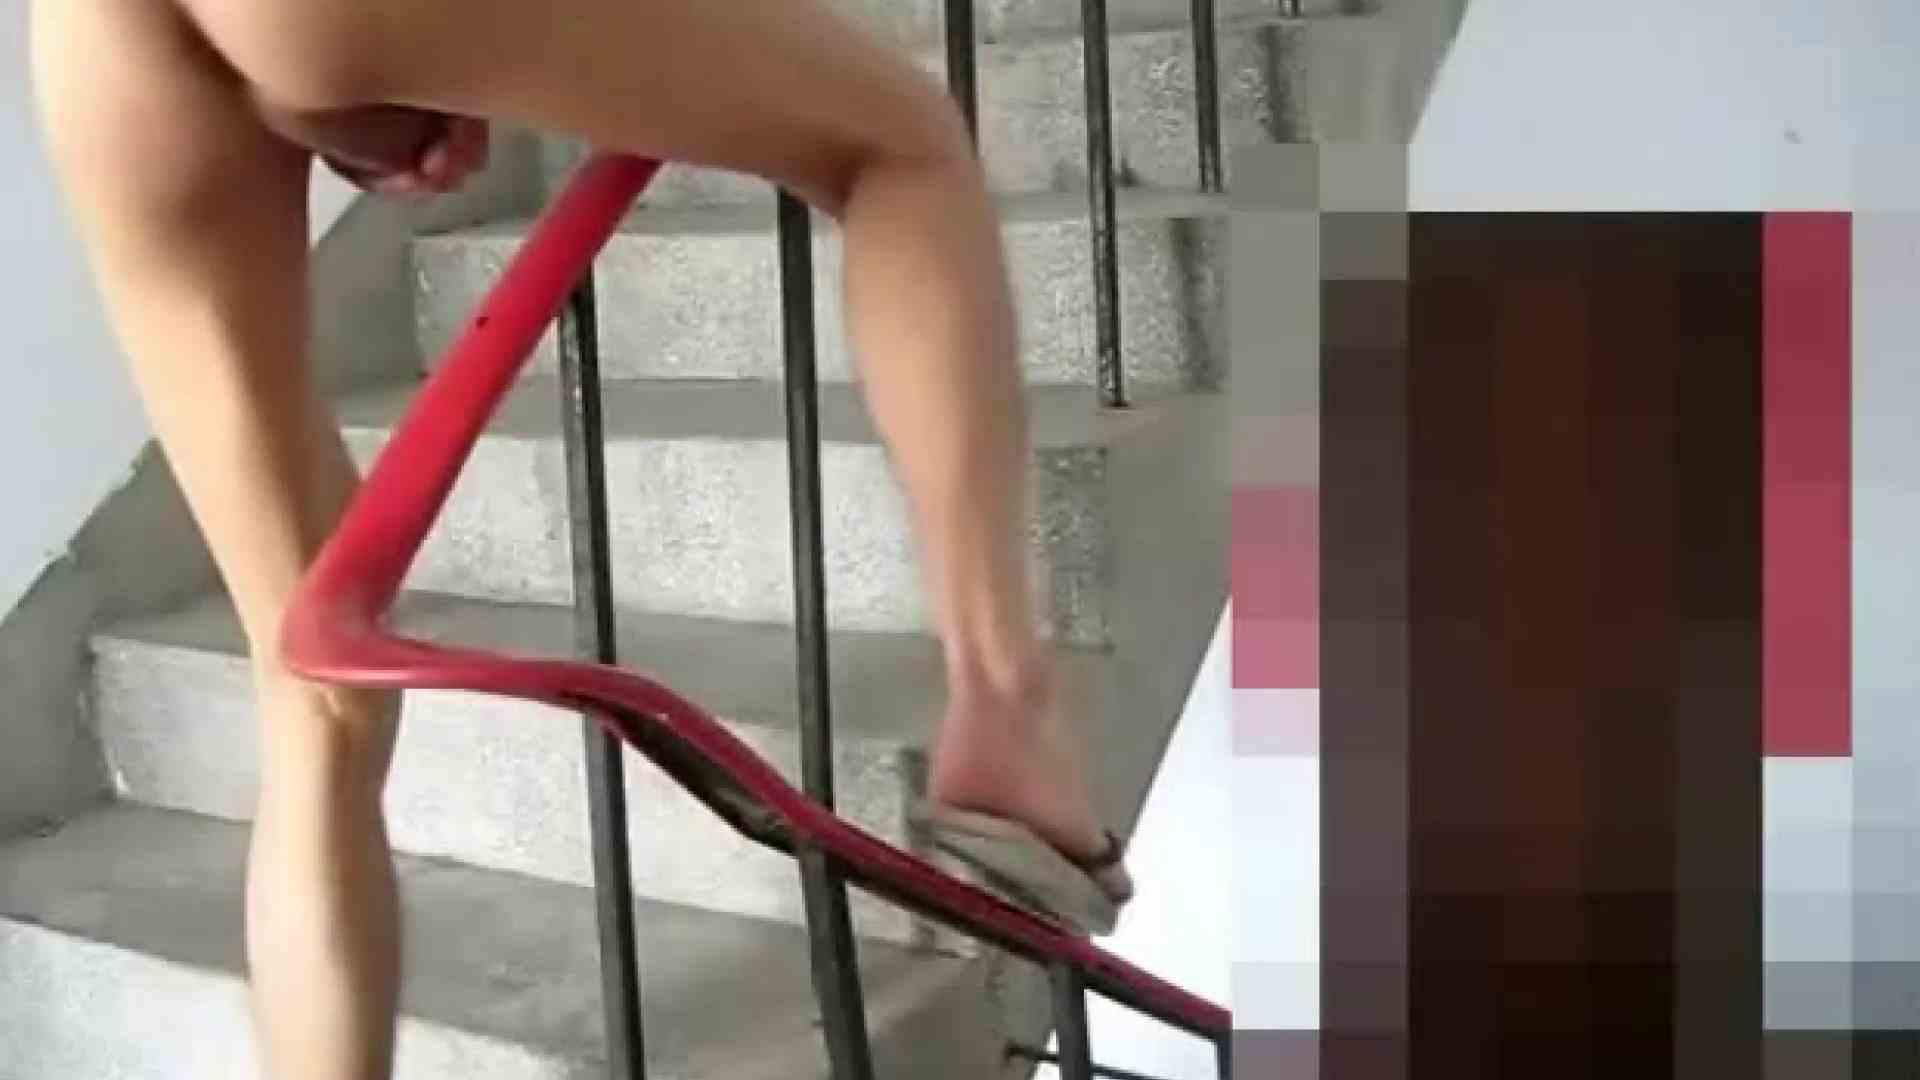 階段オナニー 野外露出動画 | 無修正 ゲイ素人エロ画像 79pic 58